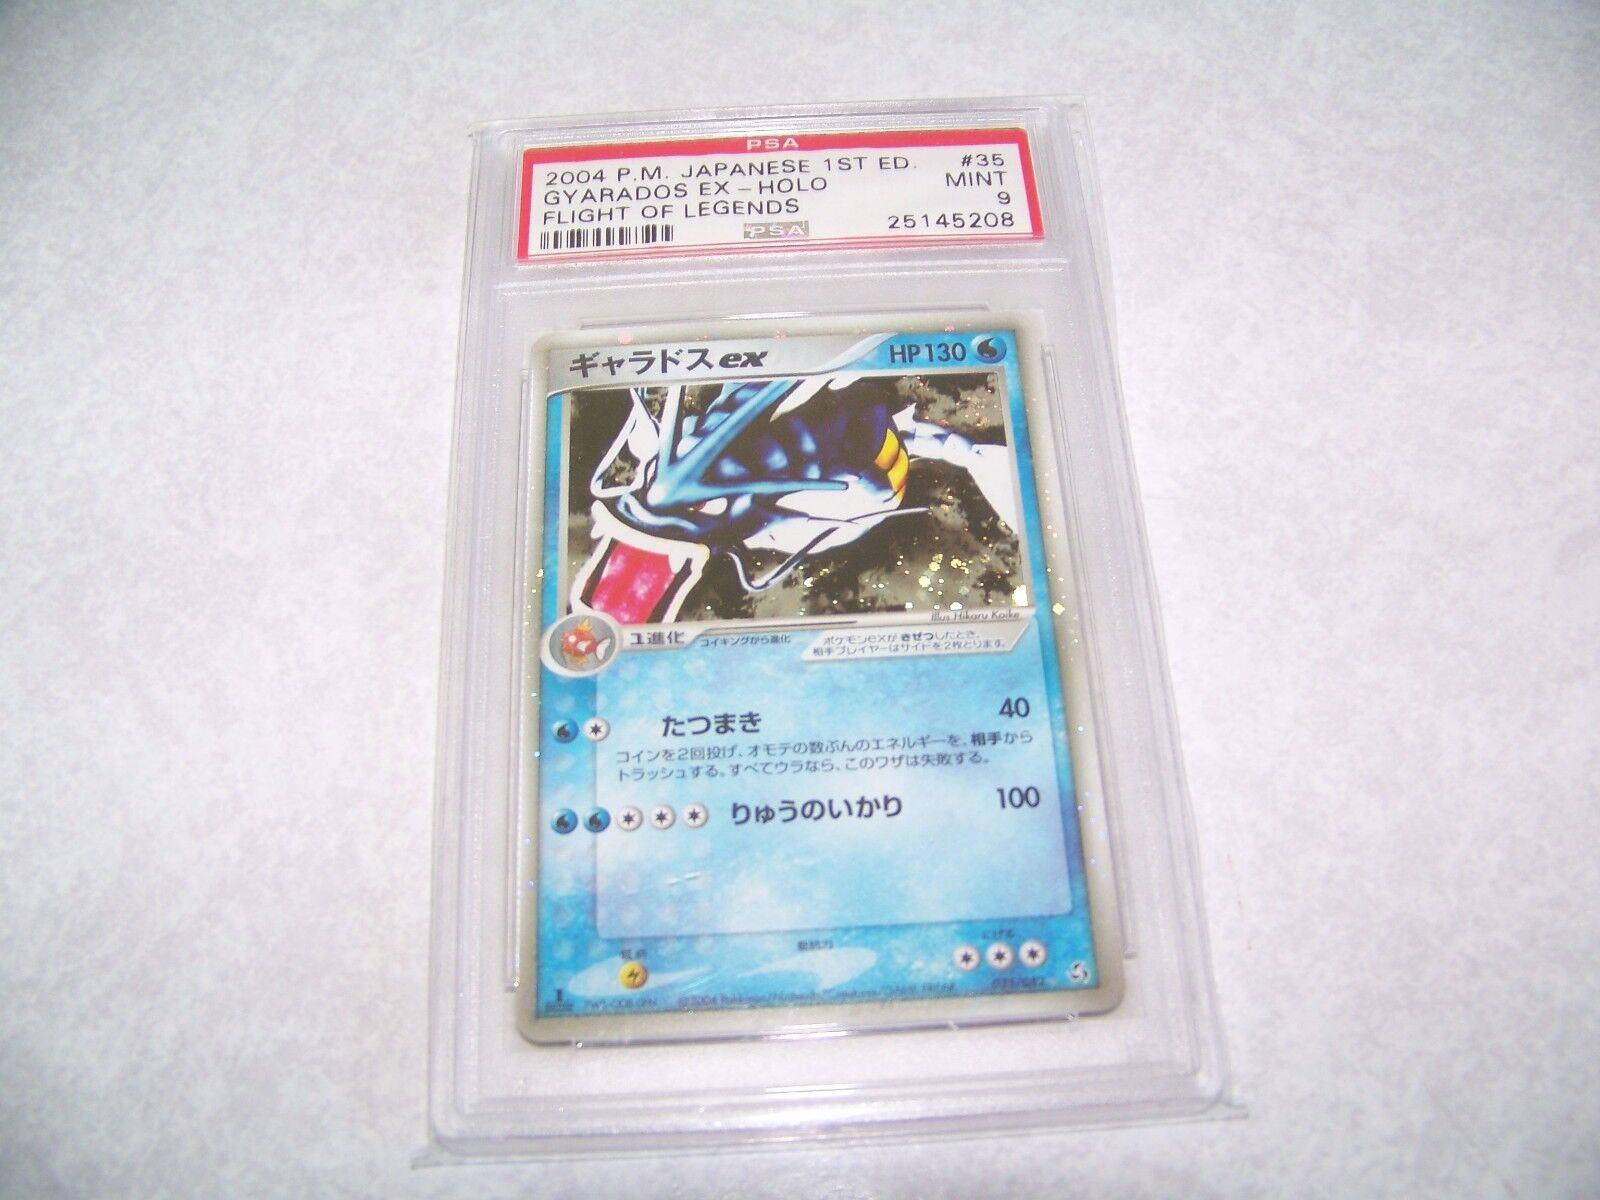 PSA 9 Mint Japanese Gyarados ex 1st ed Flight Flight Flight of Legends 035 082 Pokemon Card da5a13